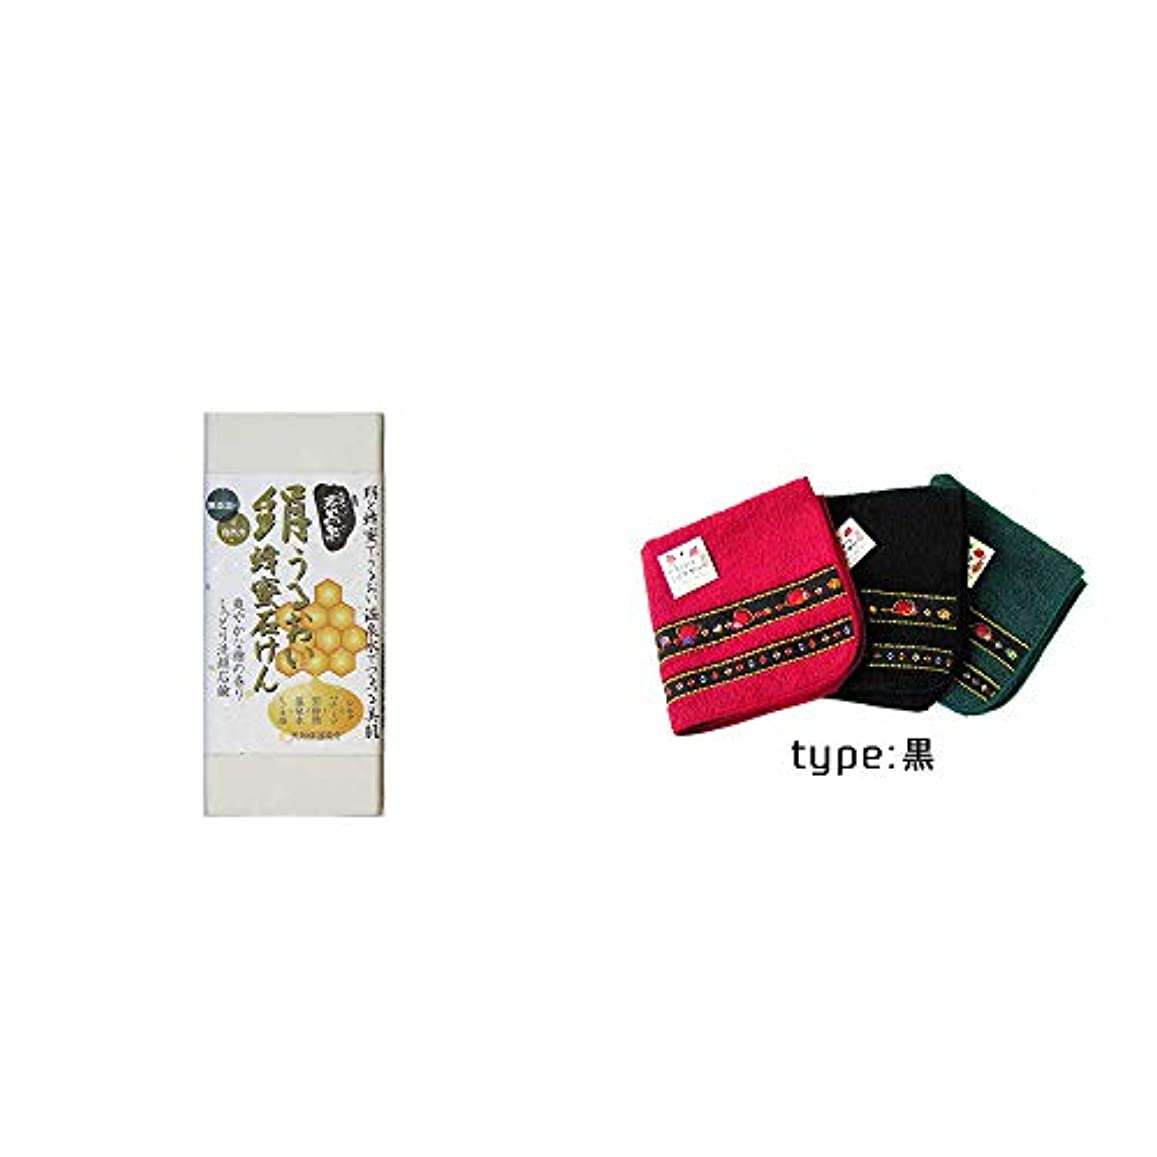 糸特権的摂動[2点セット] ひのき炭黒泉 絹うるおい蜂蜜石けん(75g×2)?さるぼぼ 刺繍ミニタオル【黒】